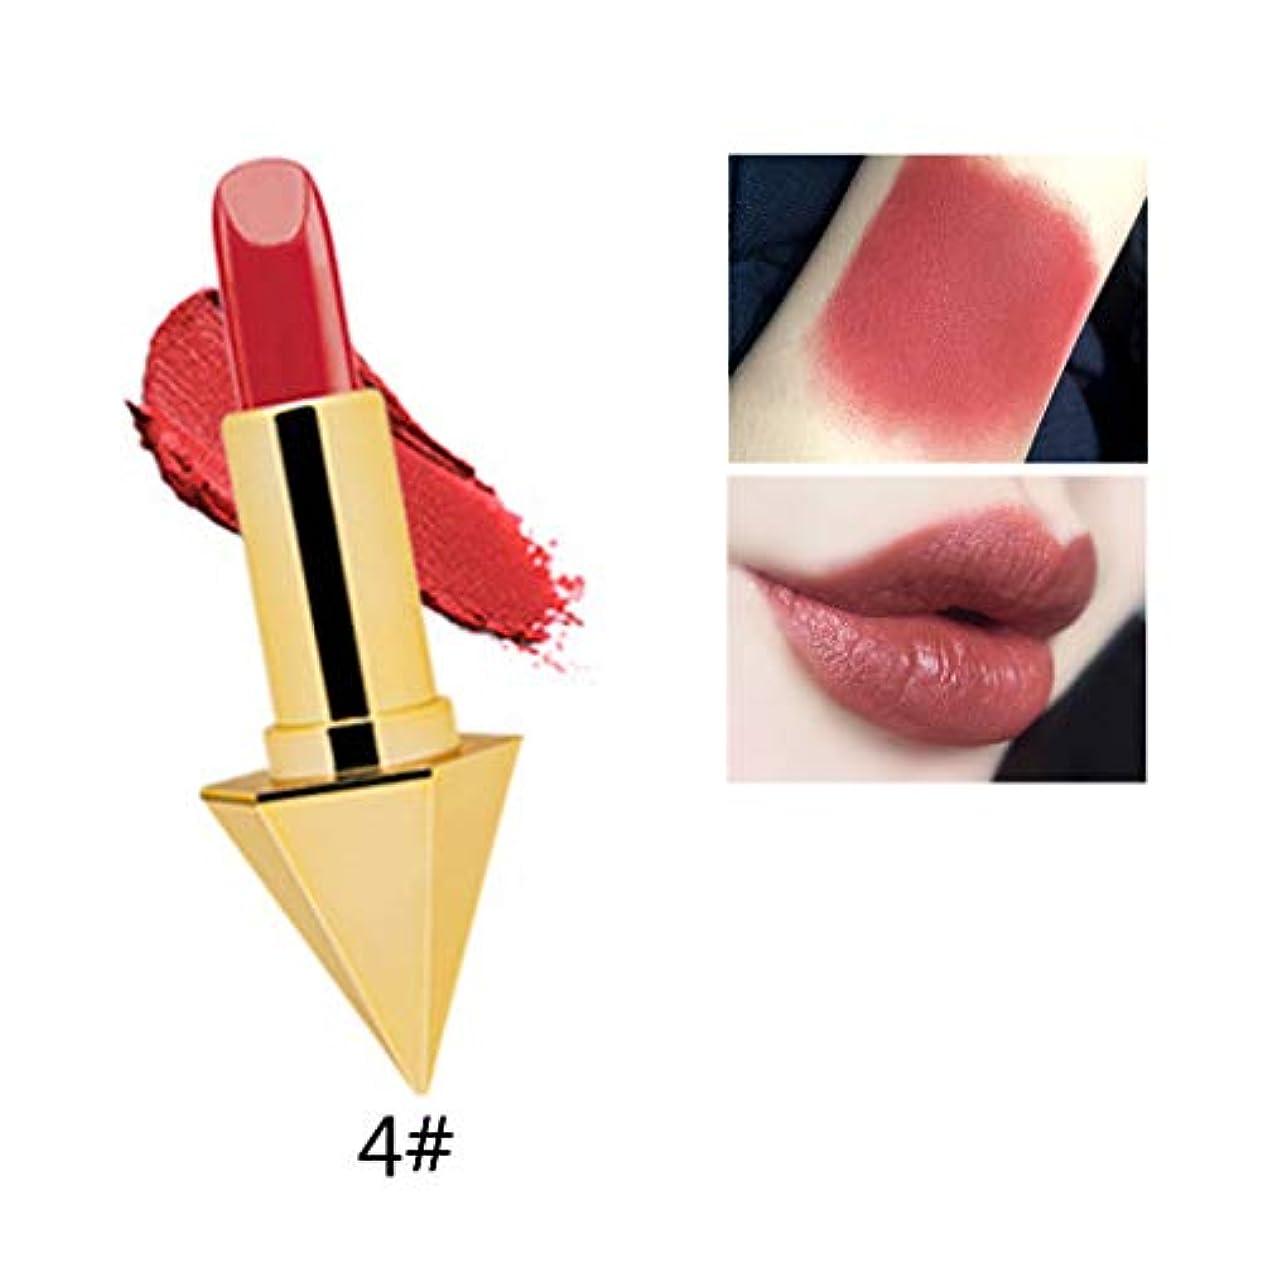 ラップトップ震える大腿Kimyuo 女性 マットリップスティック 防水 長持ちする リップグロス 化粧品 美容メイク